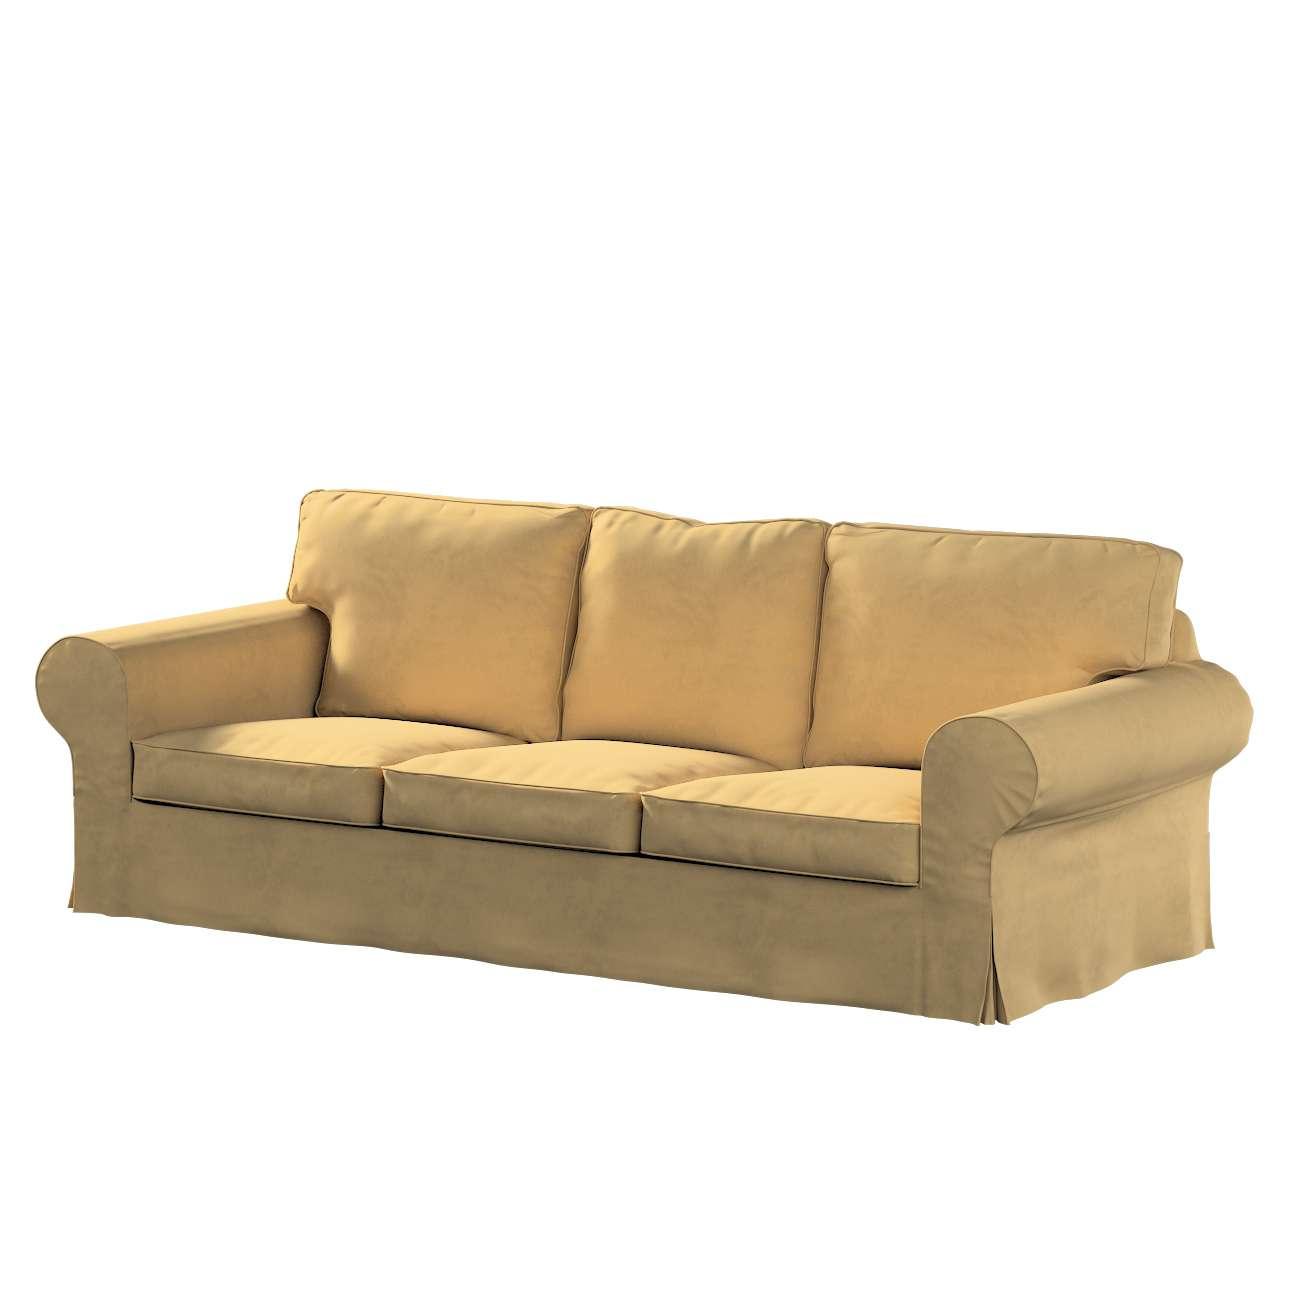 Pokrowiec na sofę Ektorp 3-osobową, rozkładaną, PIXBO w kolekcji Living II, tkanina: 160-93